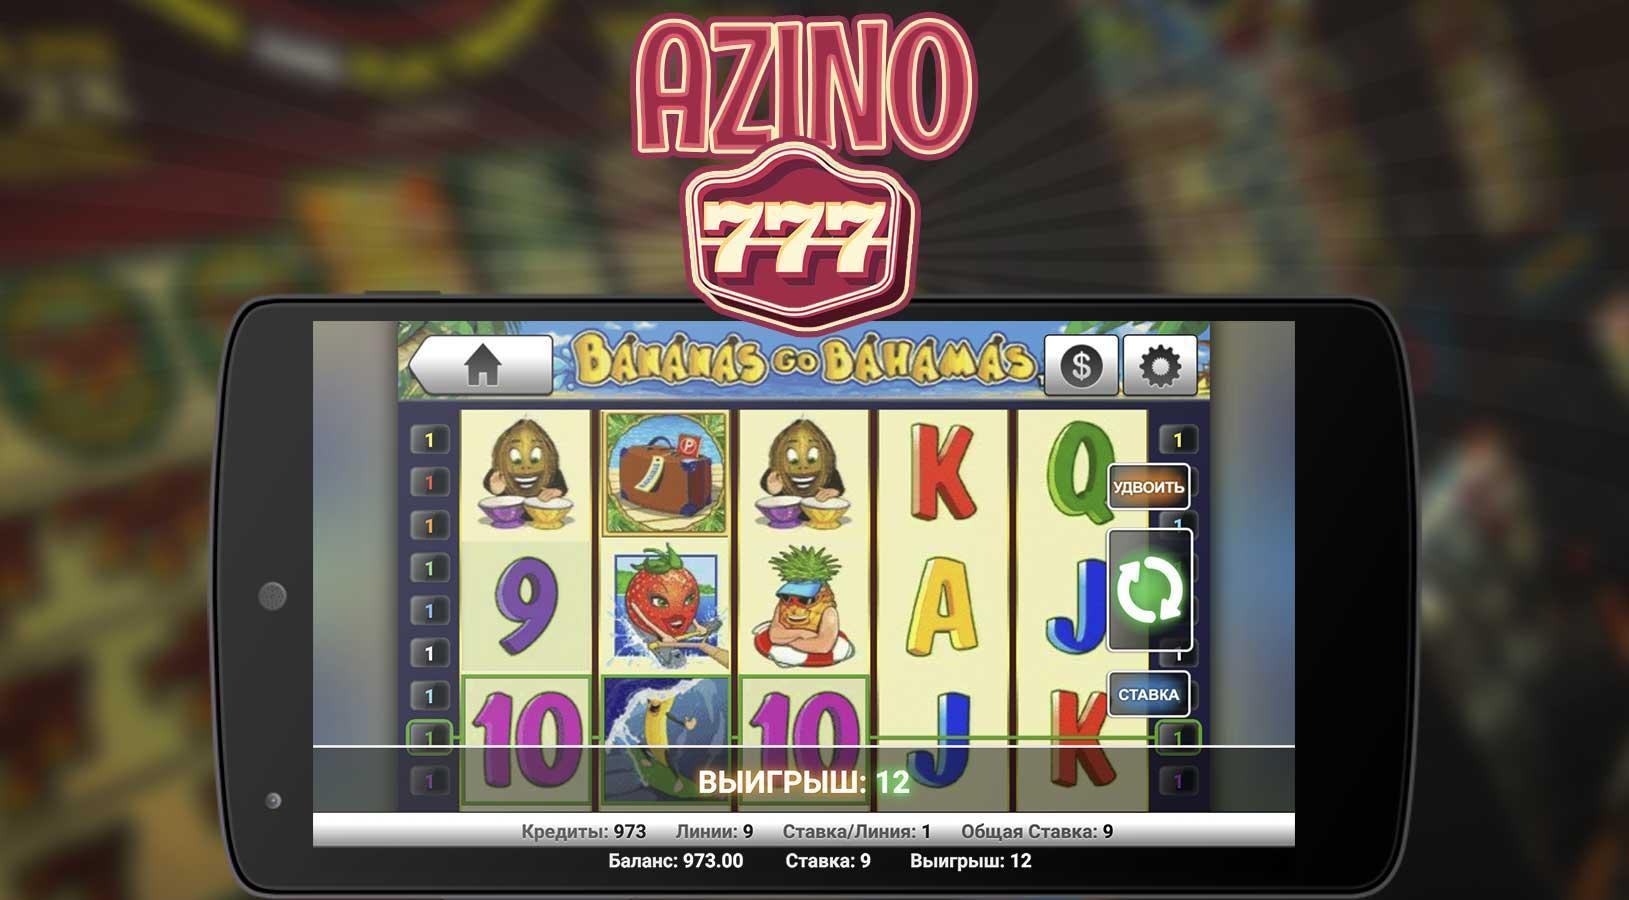 Игровые автоматы скачать бесплатно на андроид 4.2.2 сериал друзья в казино